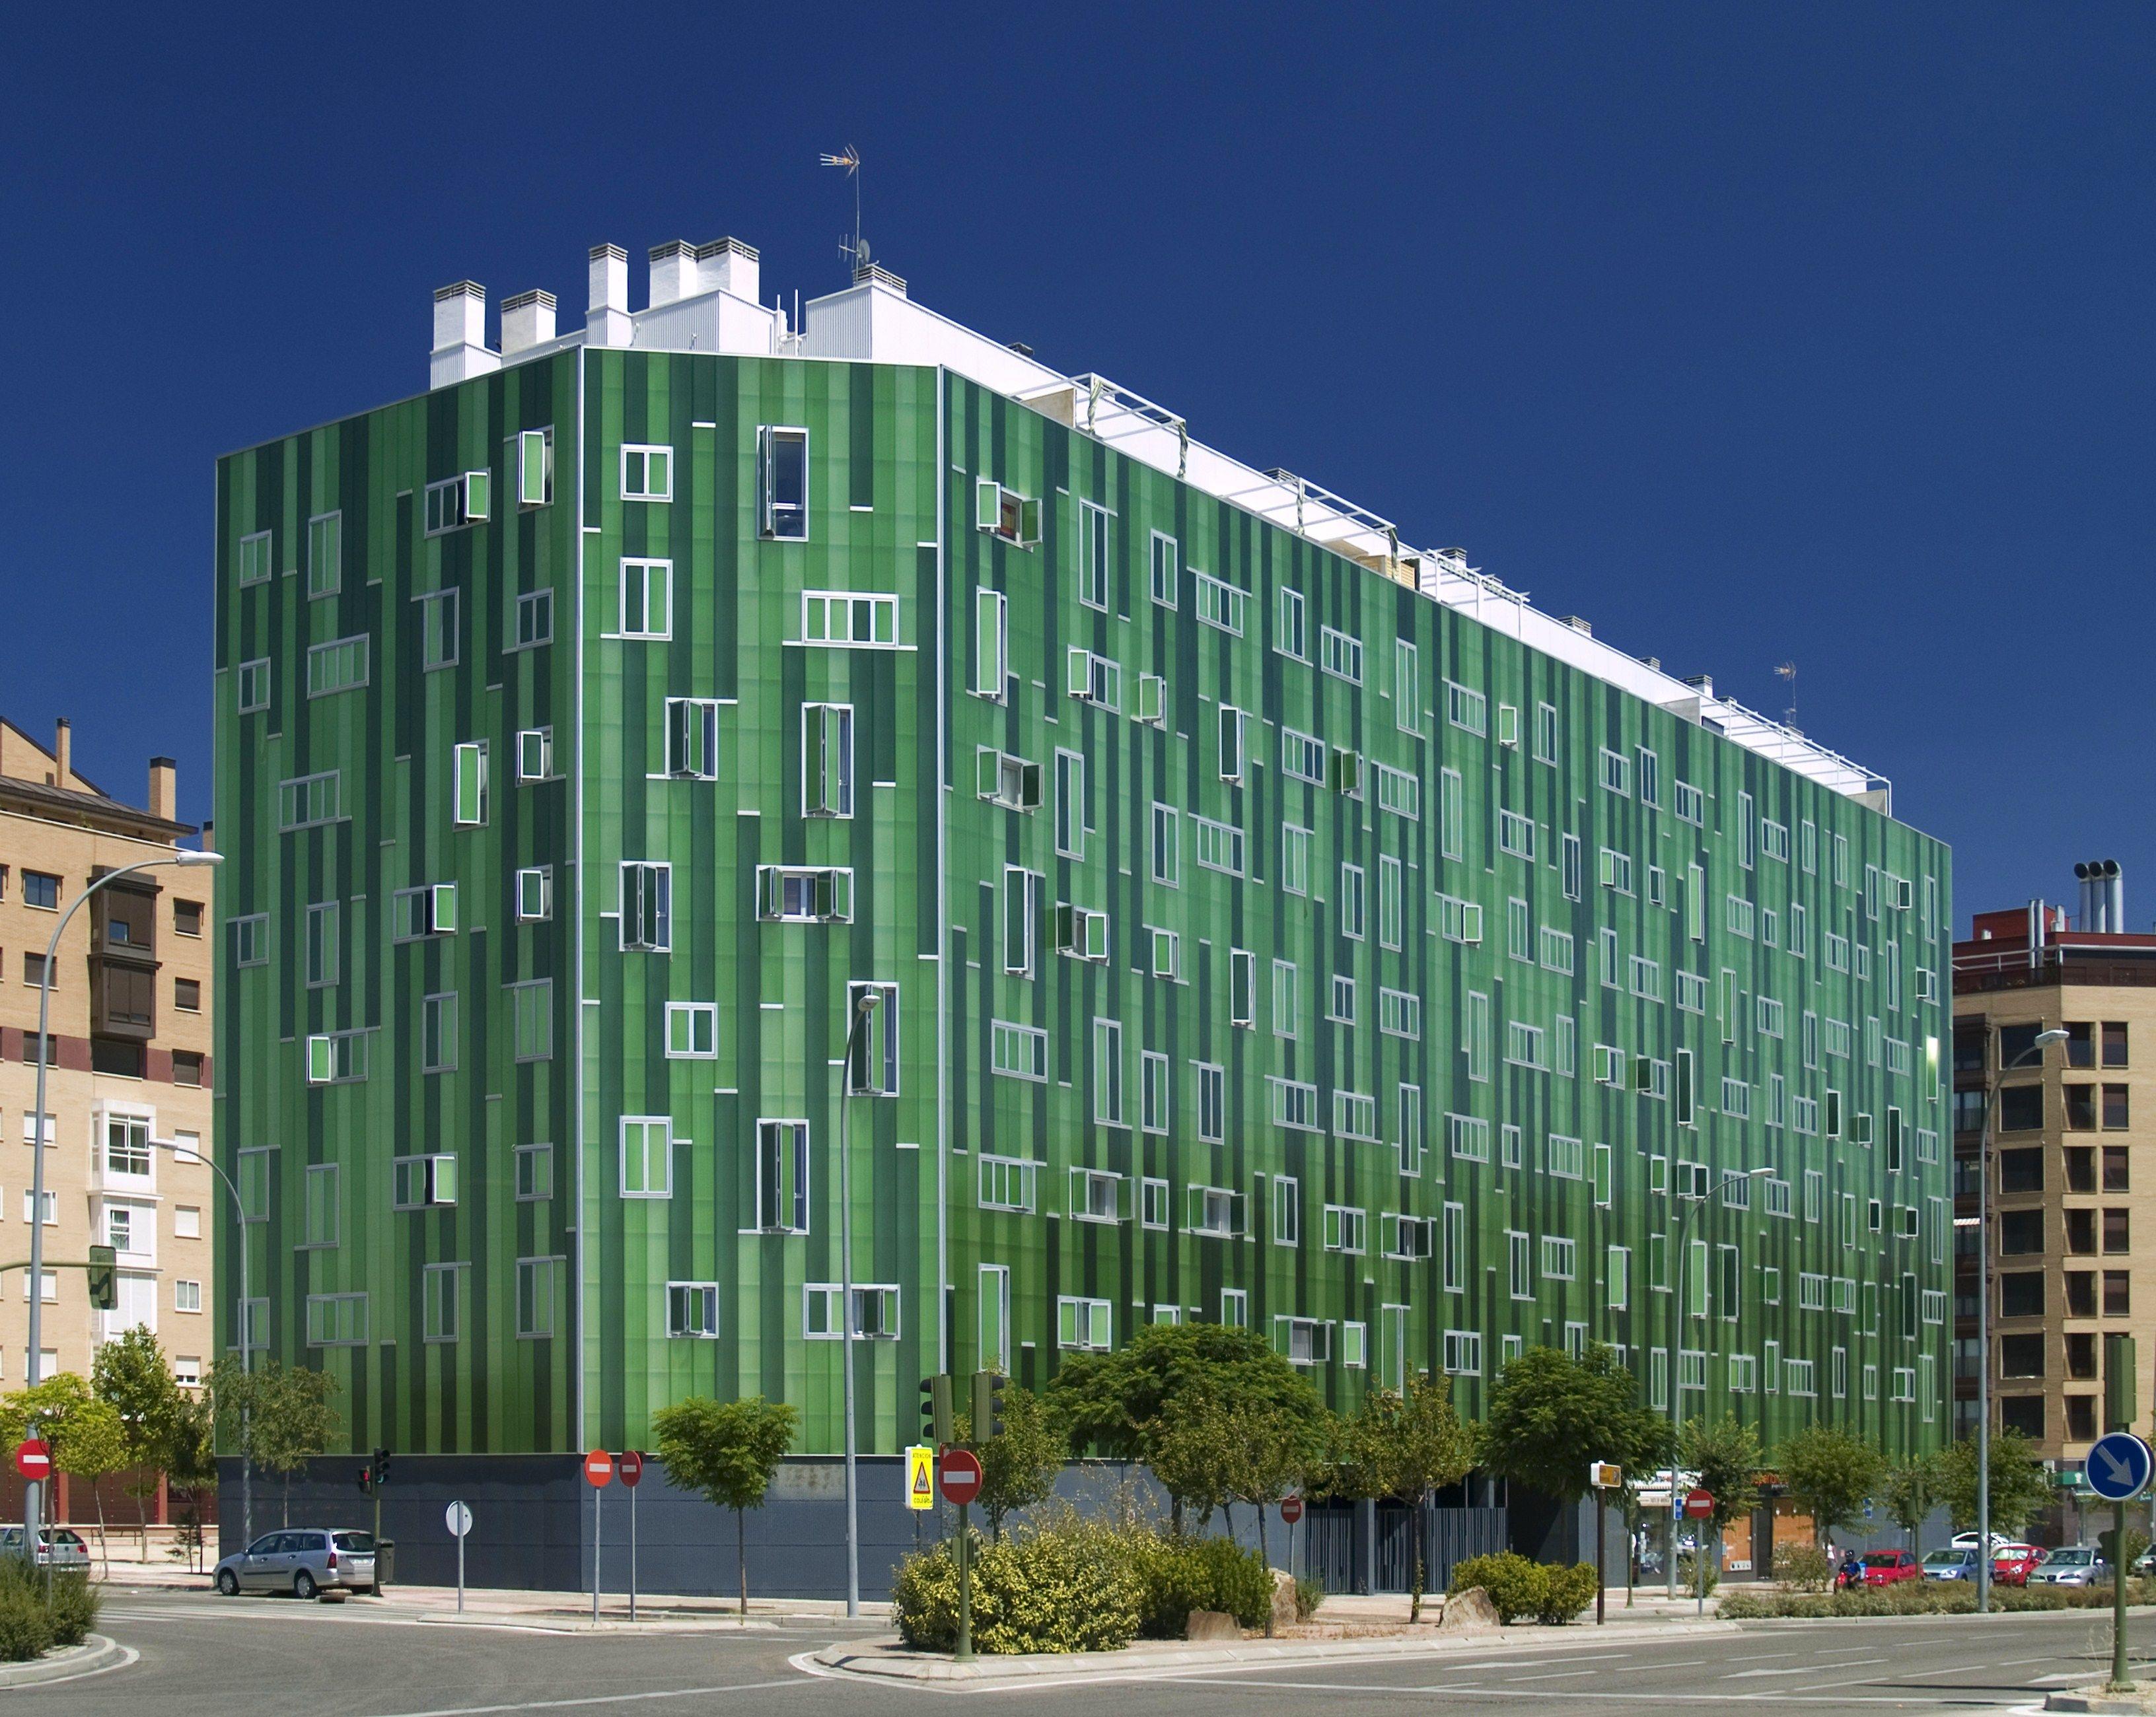 Edificio verde del pau del ensanche de vallecas - Ensanche de vallecas ...